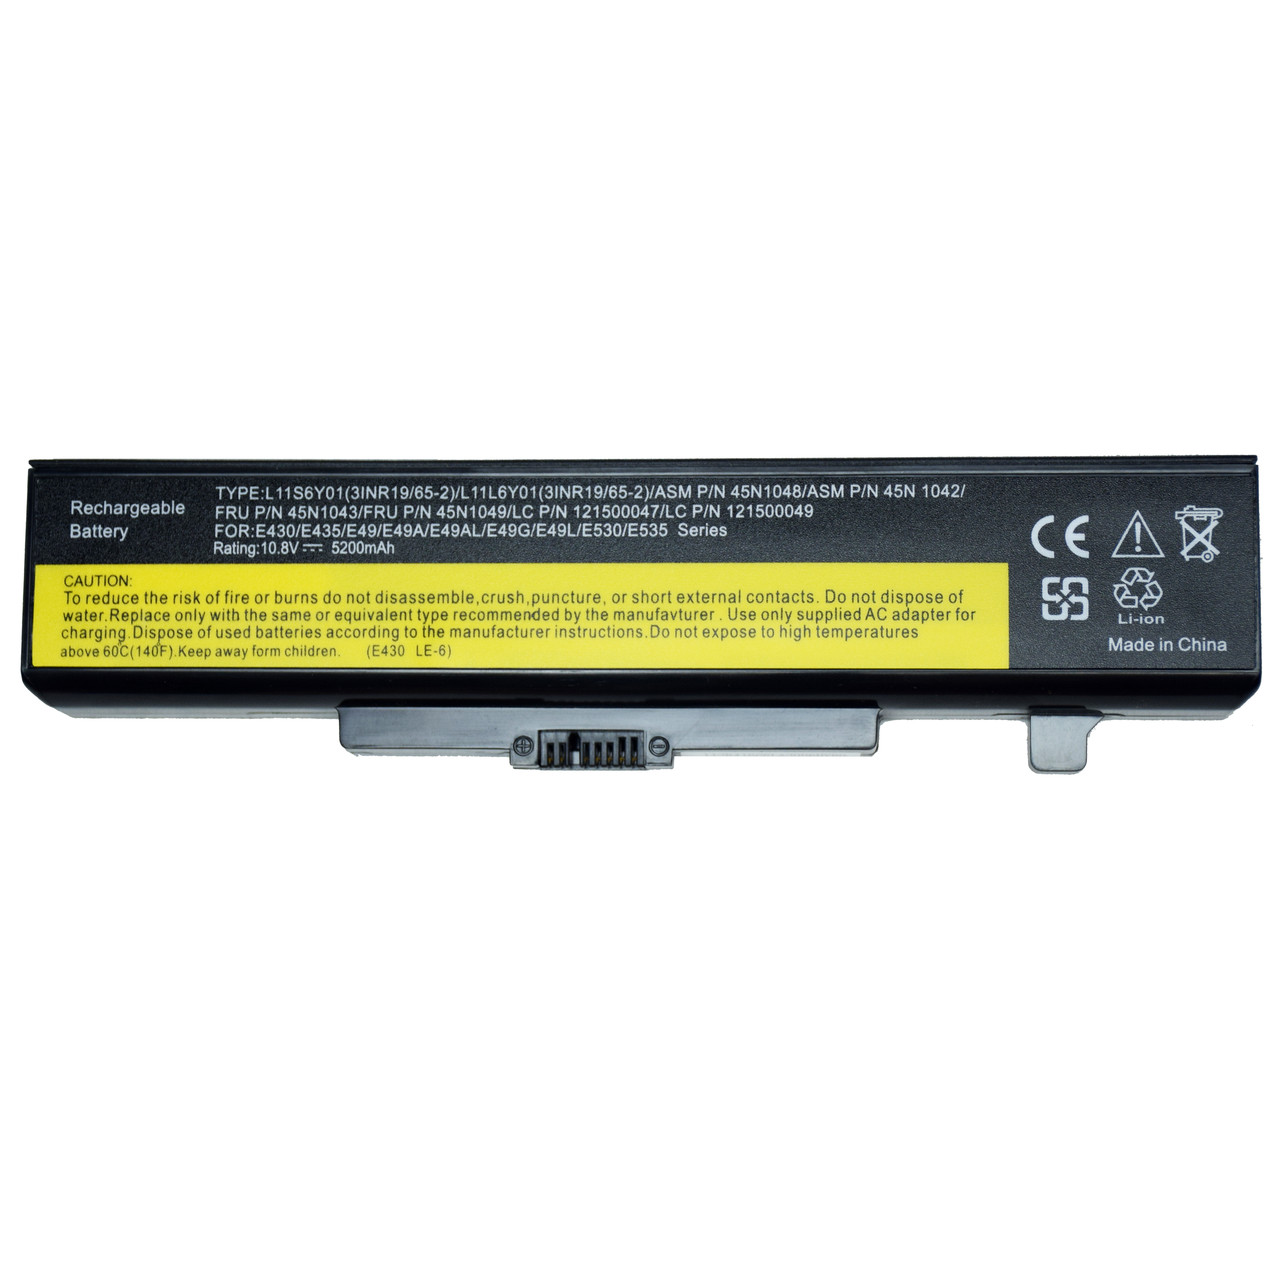 Аккумулятор батарея LENOVO 45N1050 45N1051 45N1052 45N1053 45N1054 121500047 121500048 121500049 121500050